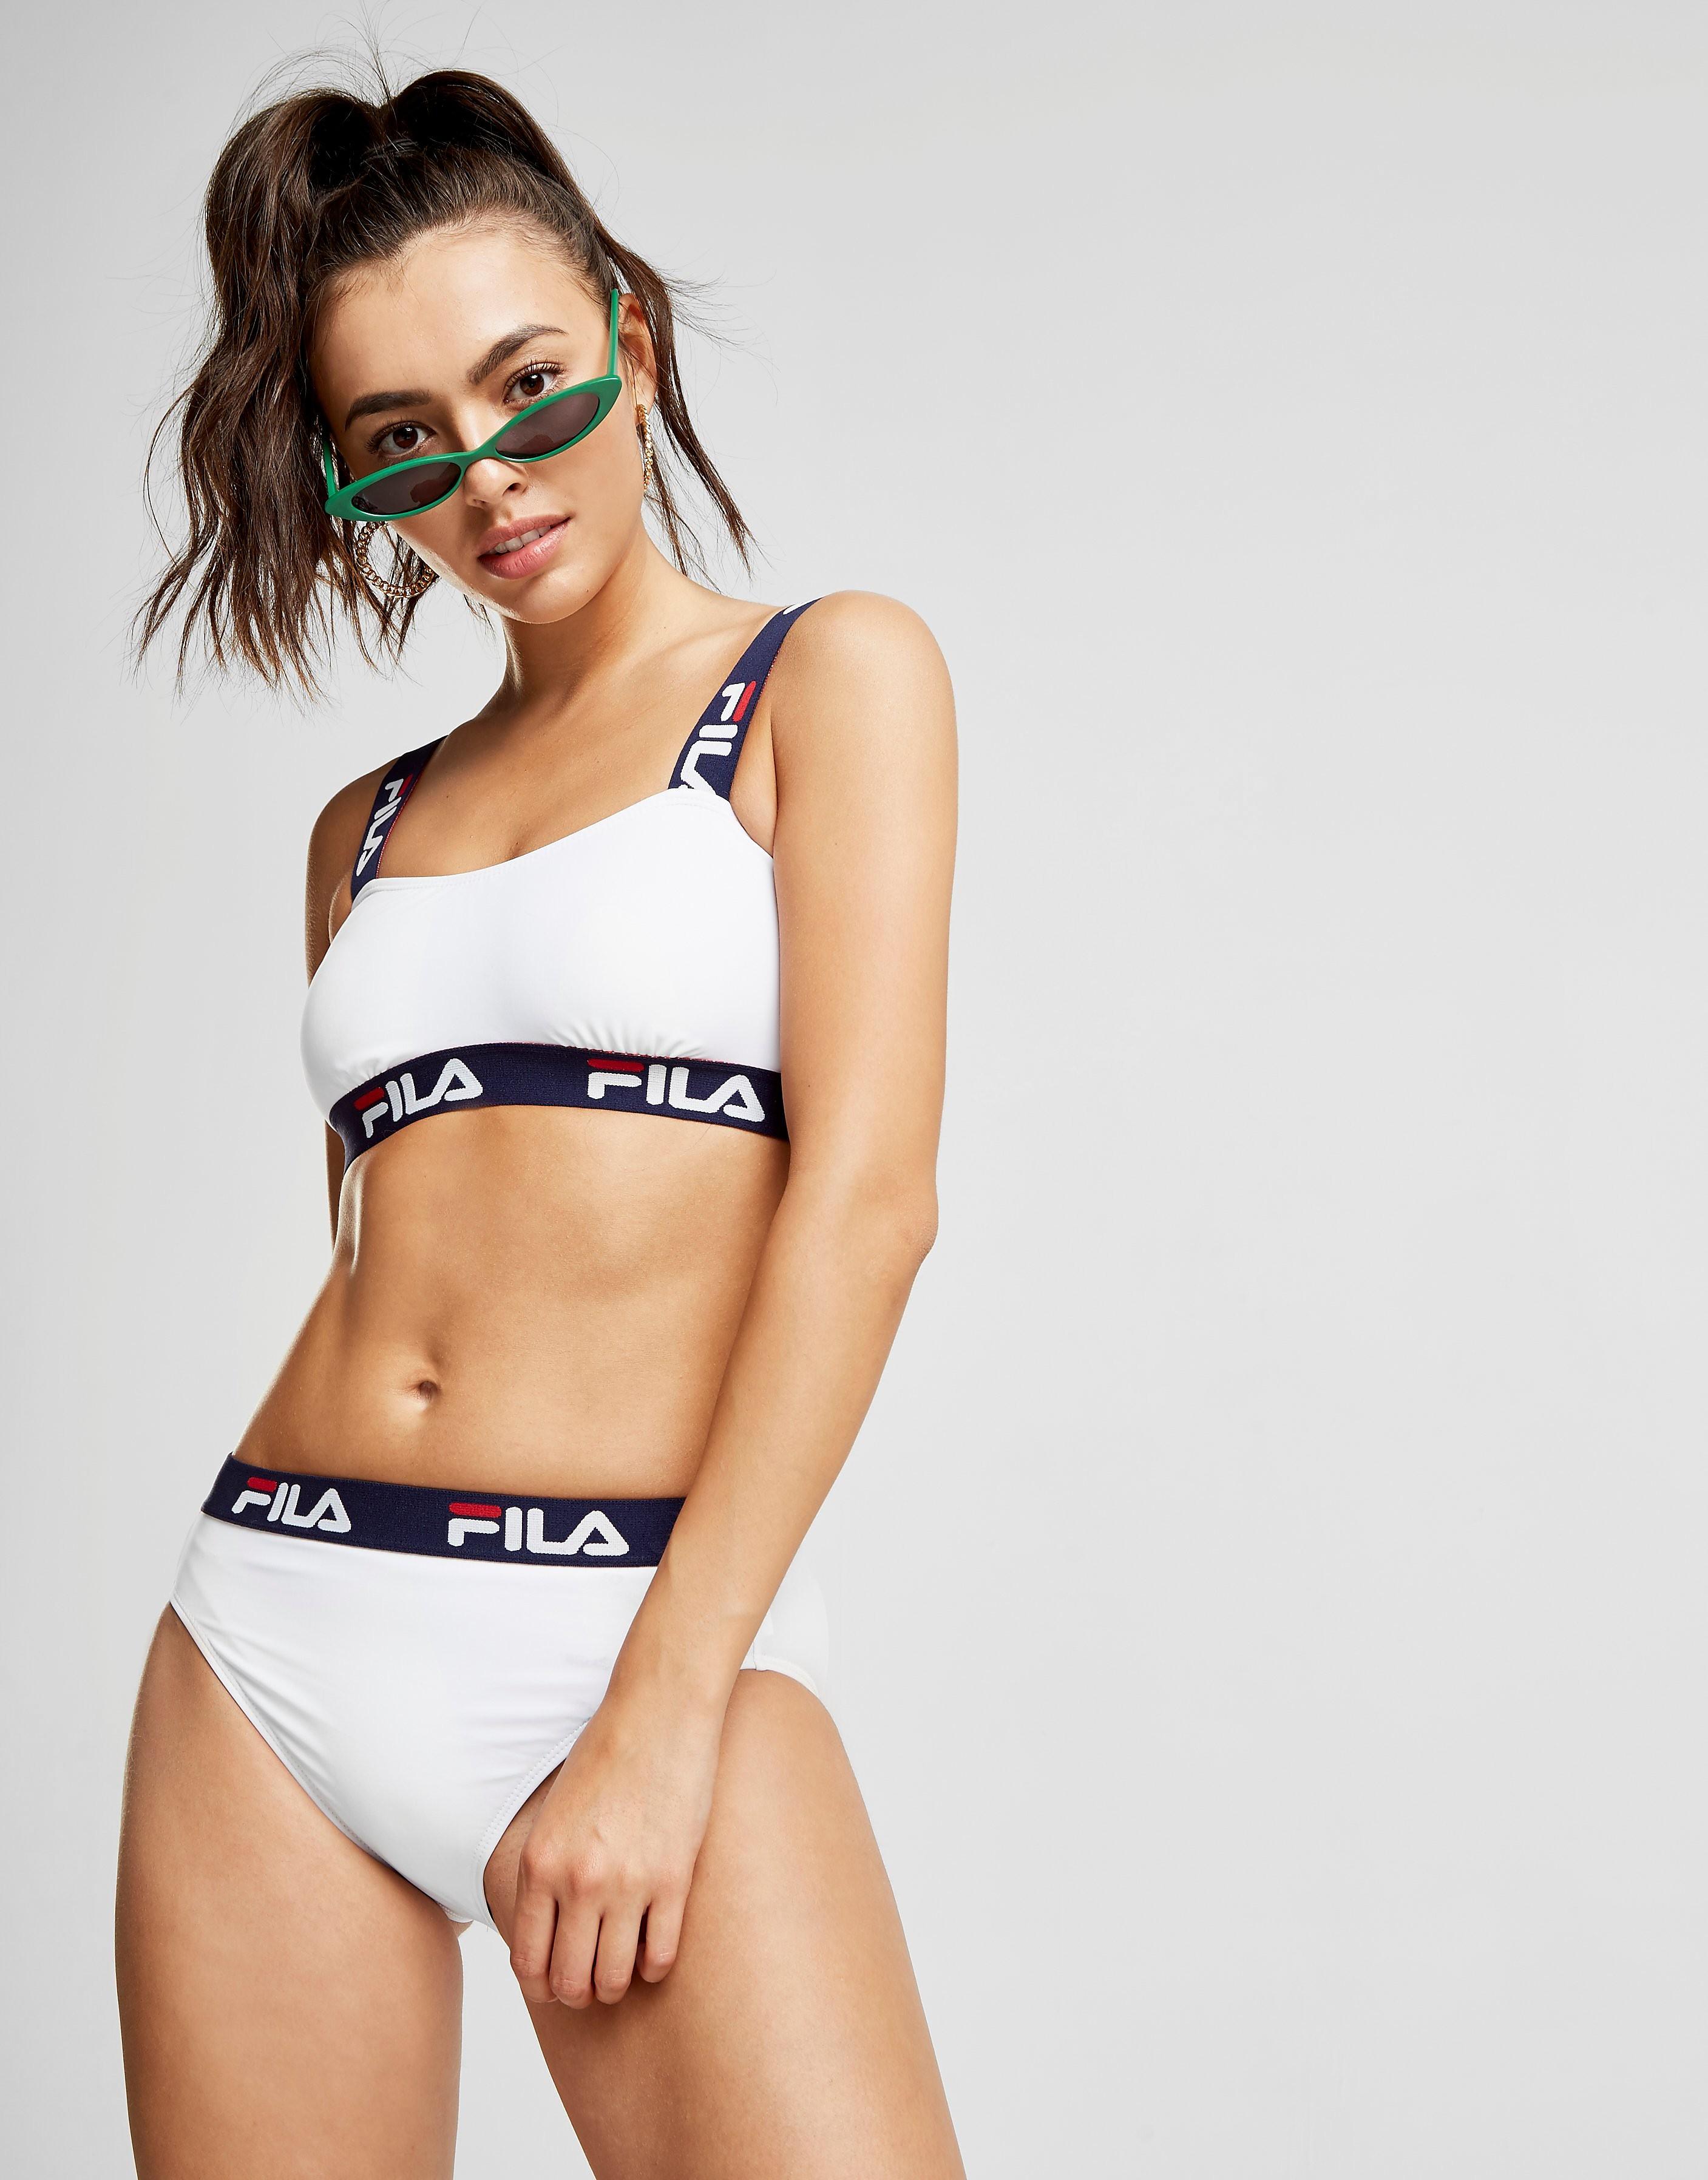 Fila Bas de maillot de bain Tape Bikini Femme